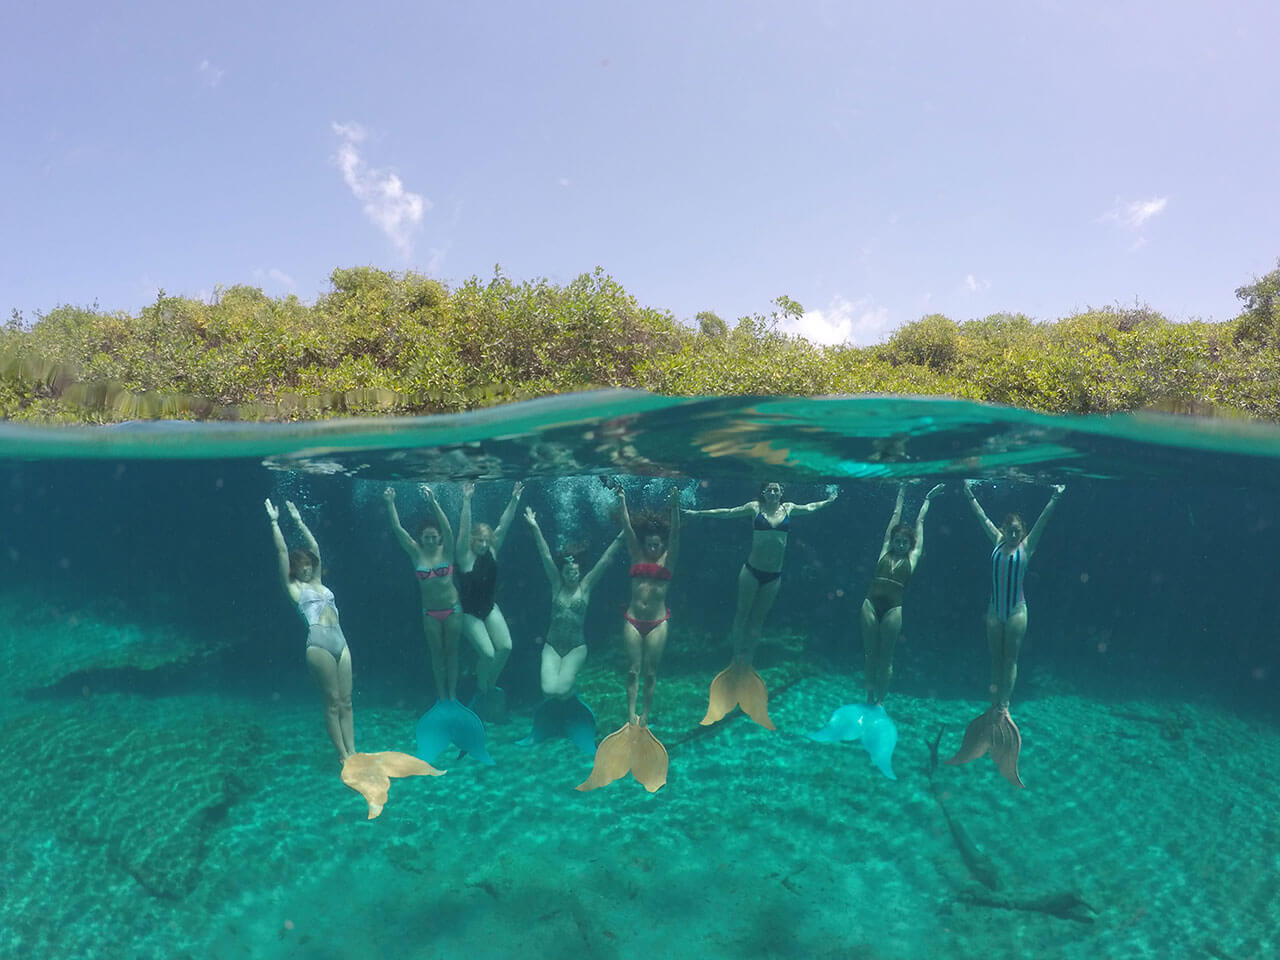 mermaid-school.jpg